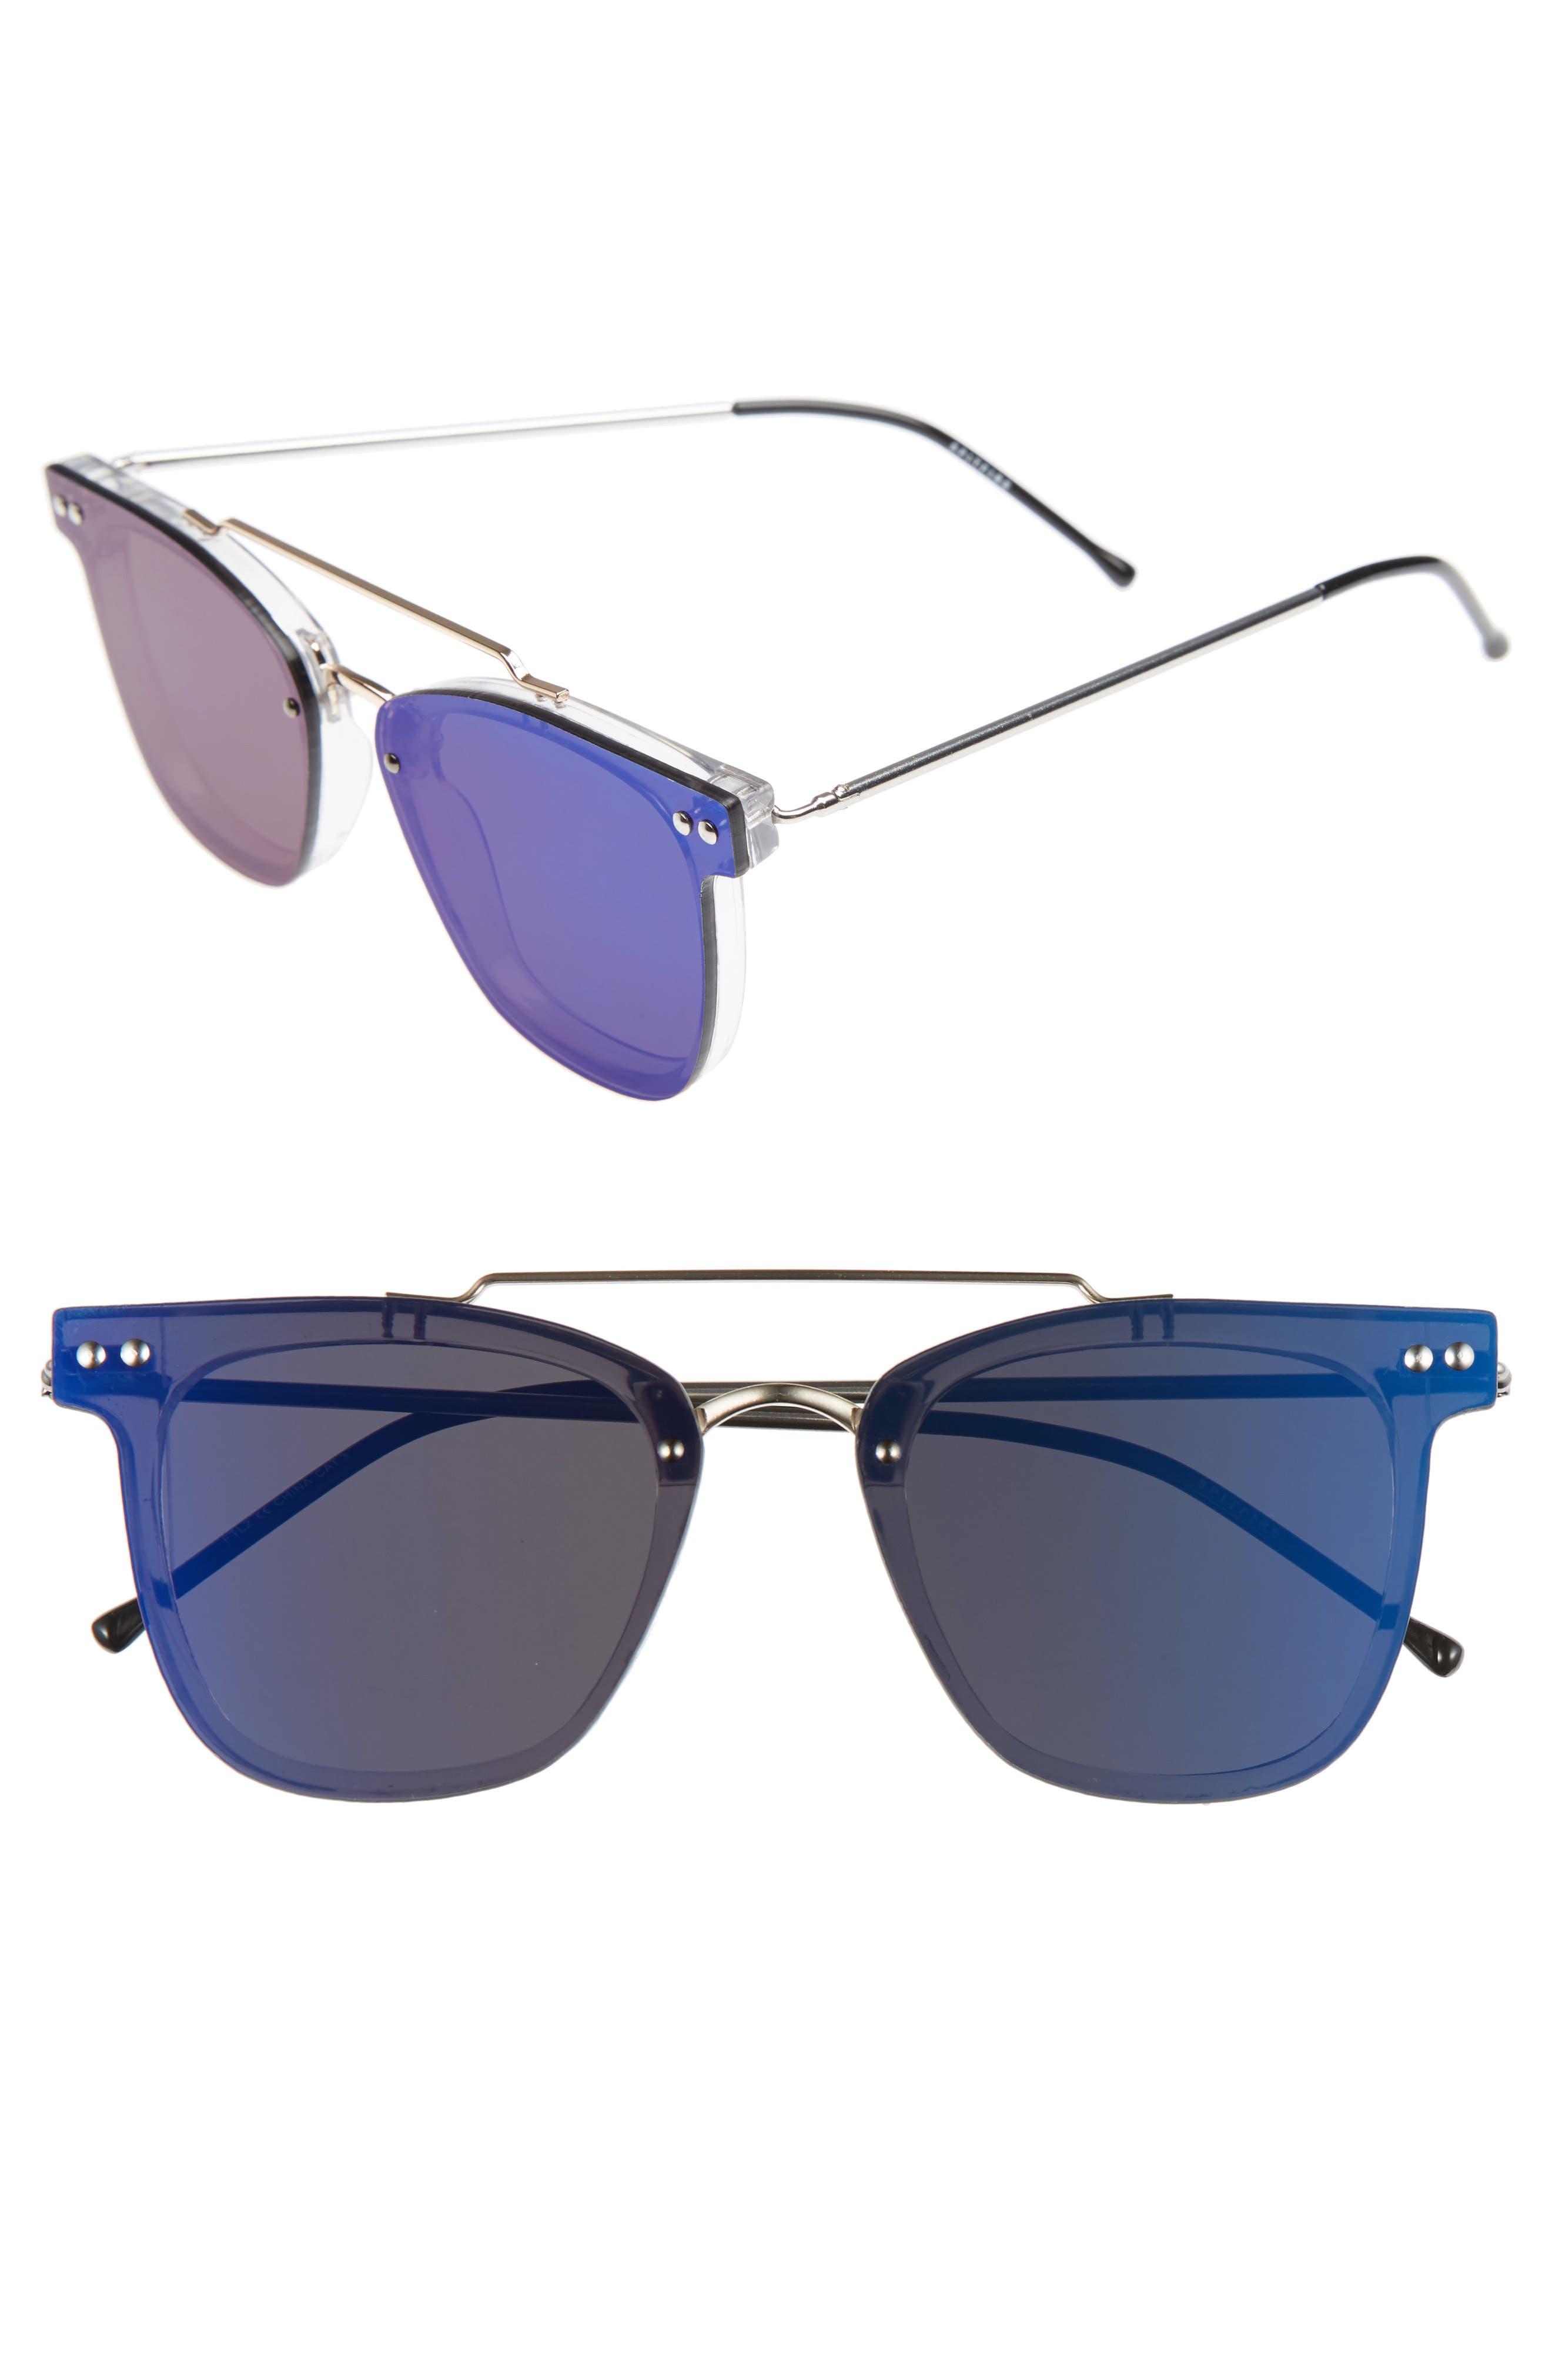 Alternate Image 1 Selected - Spitfire FTL 2 54mm Flat Frame Sunglasses